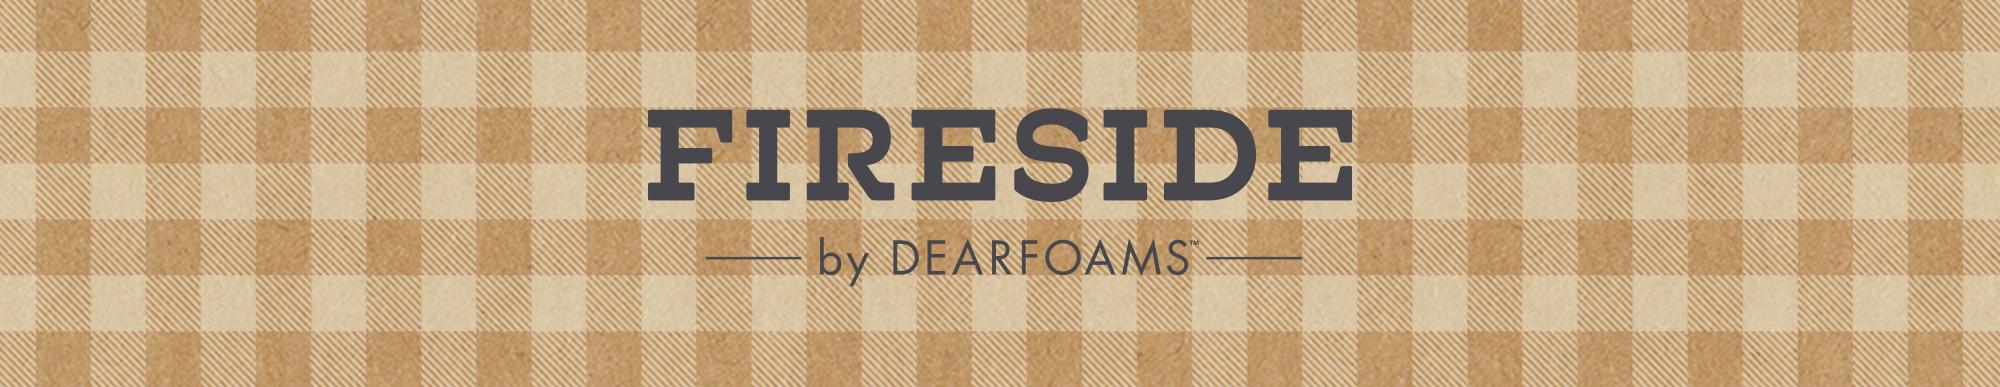 Fireside: by Dearfoams